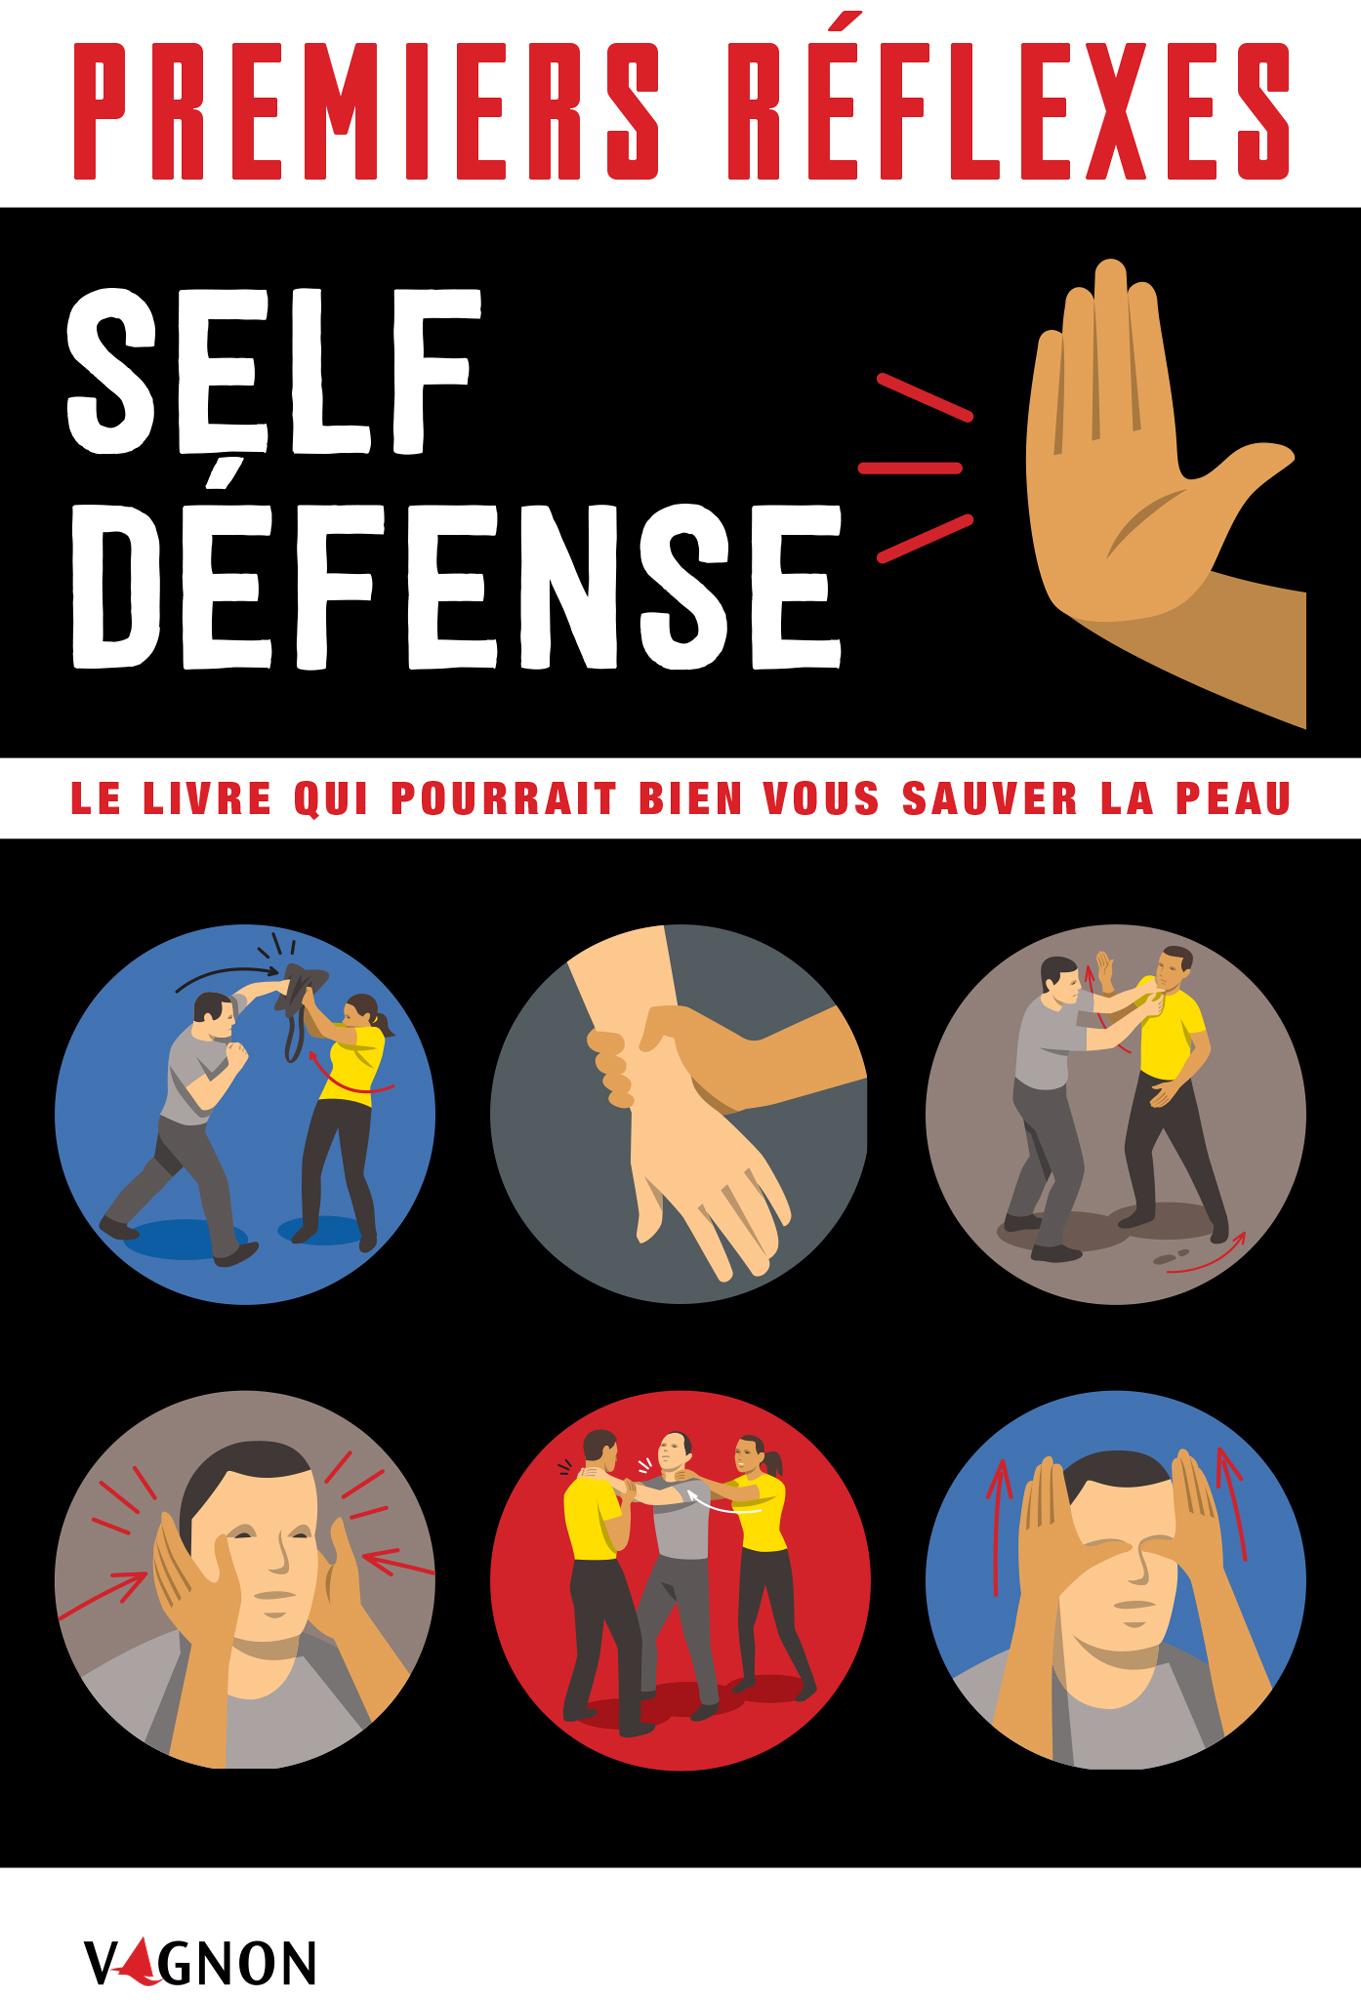 Premiers réflexes spécial self-défense, Le livre qui pourrait bien vous sauver la peau